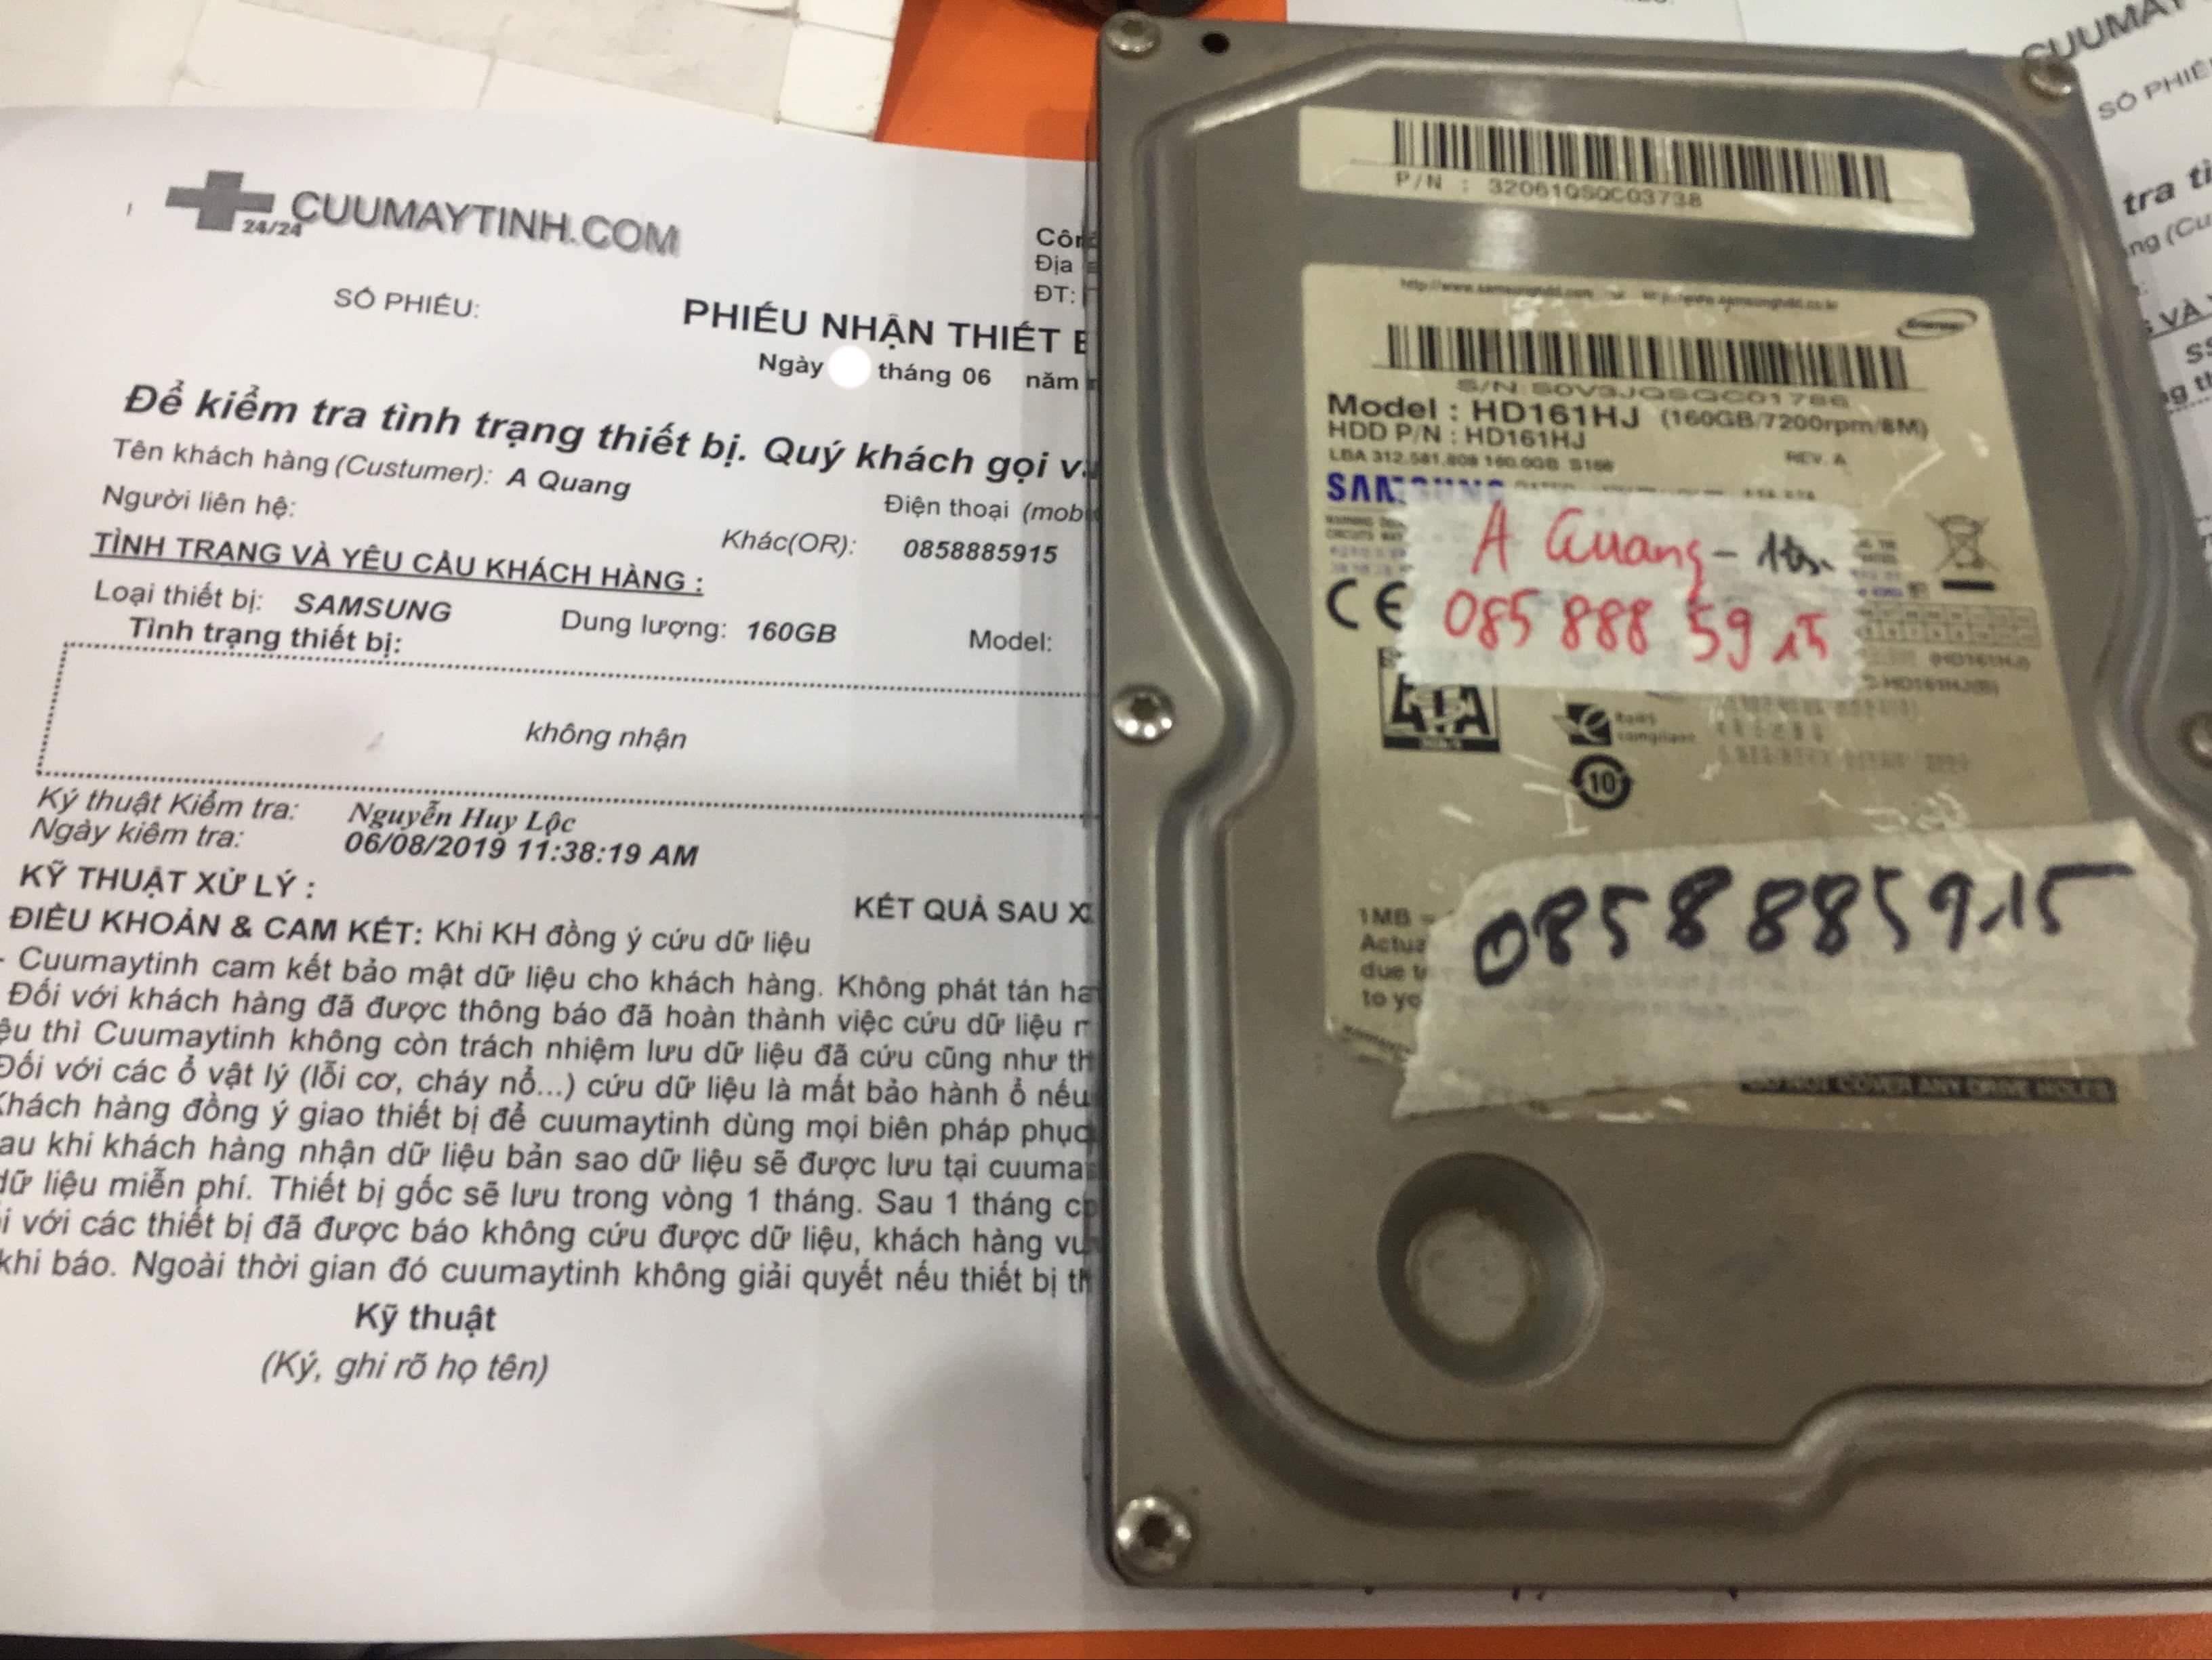 Lấy dữ liệu ổ cứng Samsung 160GB không nhận 18/06/2019 - cuumaytinh